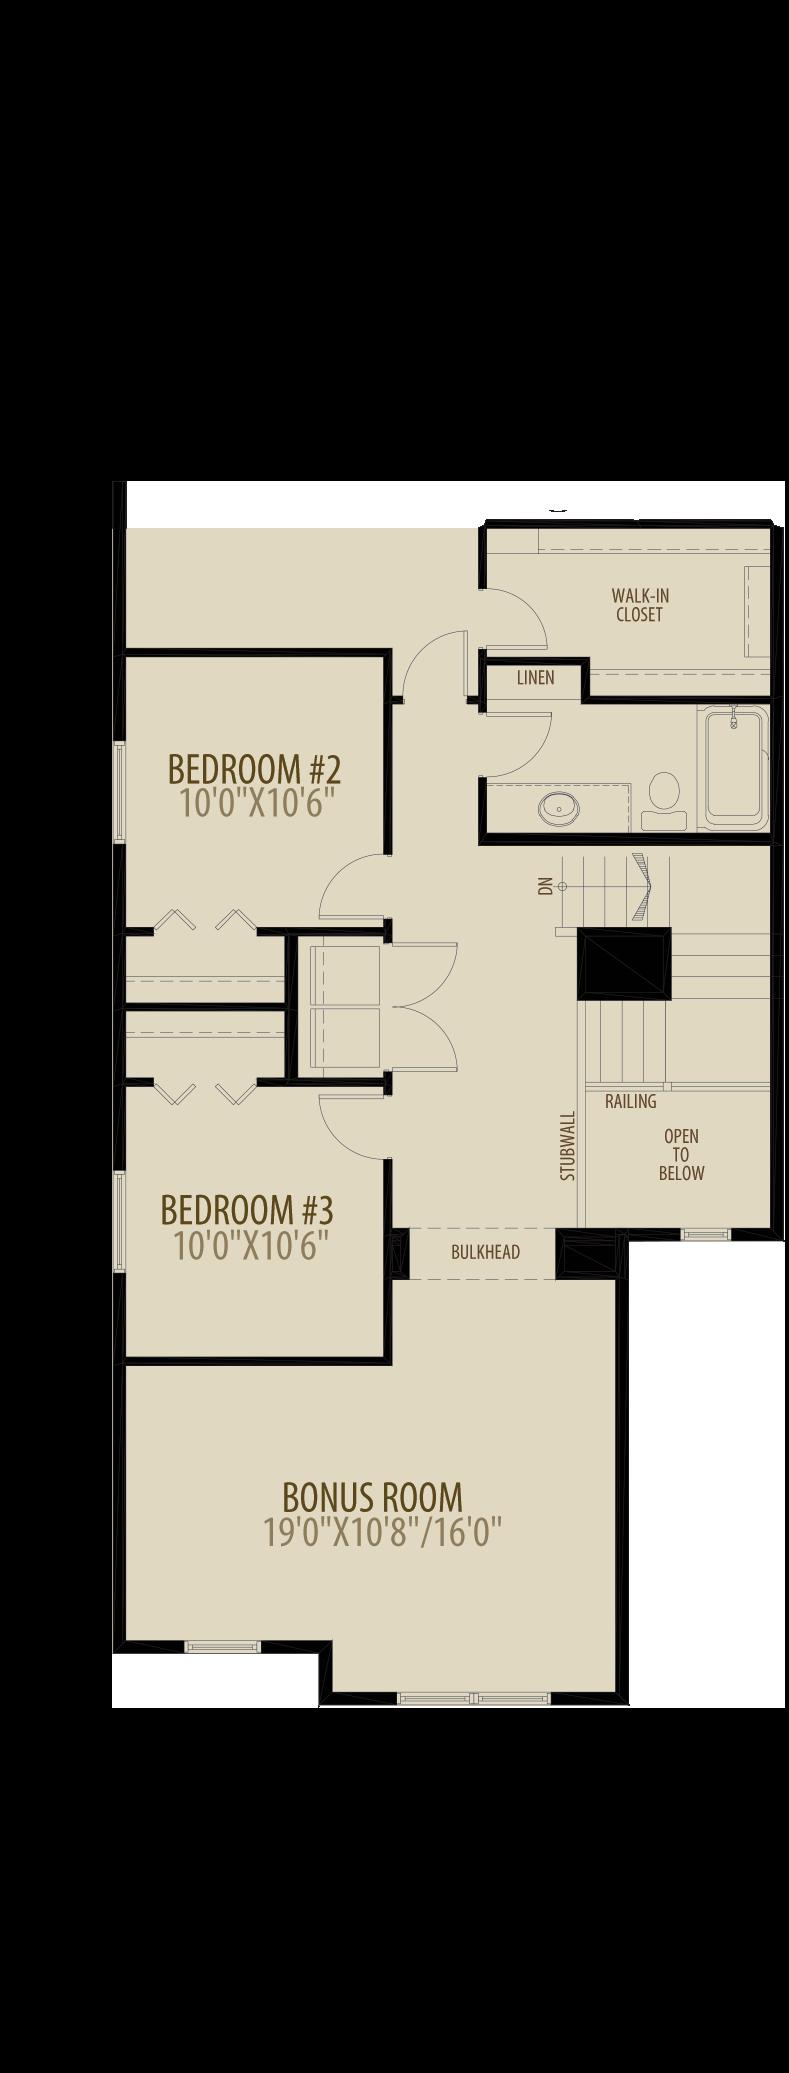 Optional Upper Floor Adds 60 sq ft